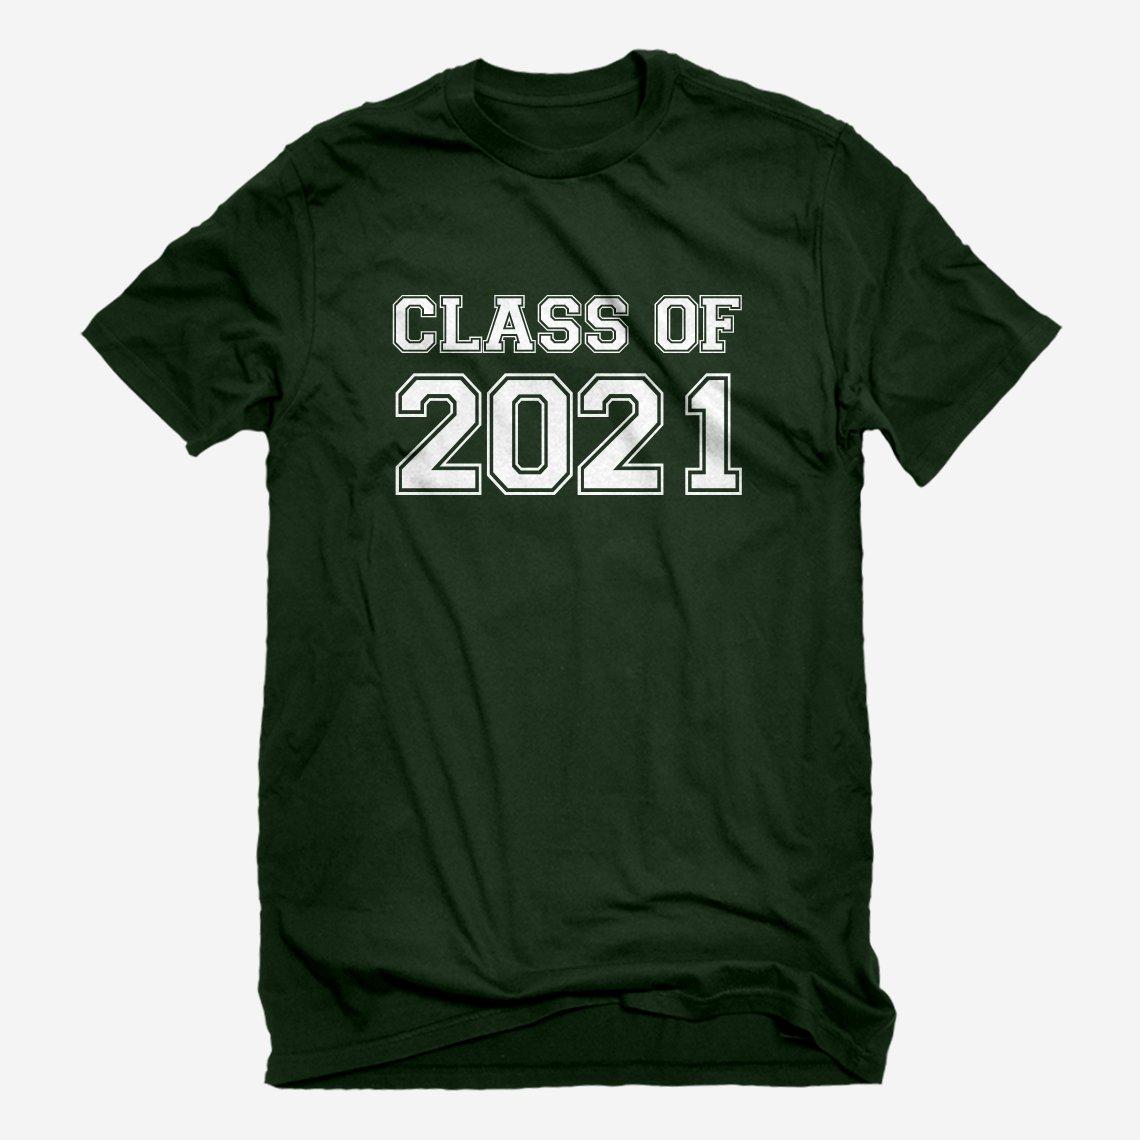 Wm T-Shirt 2021